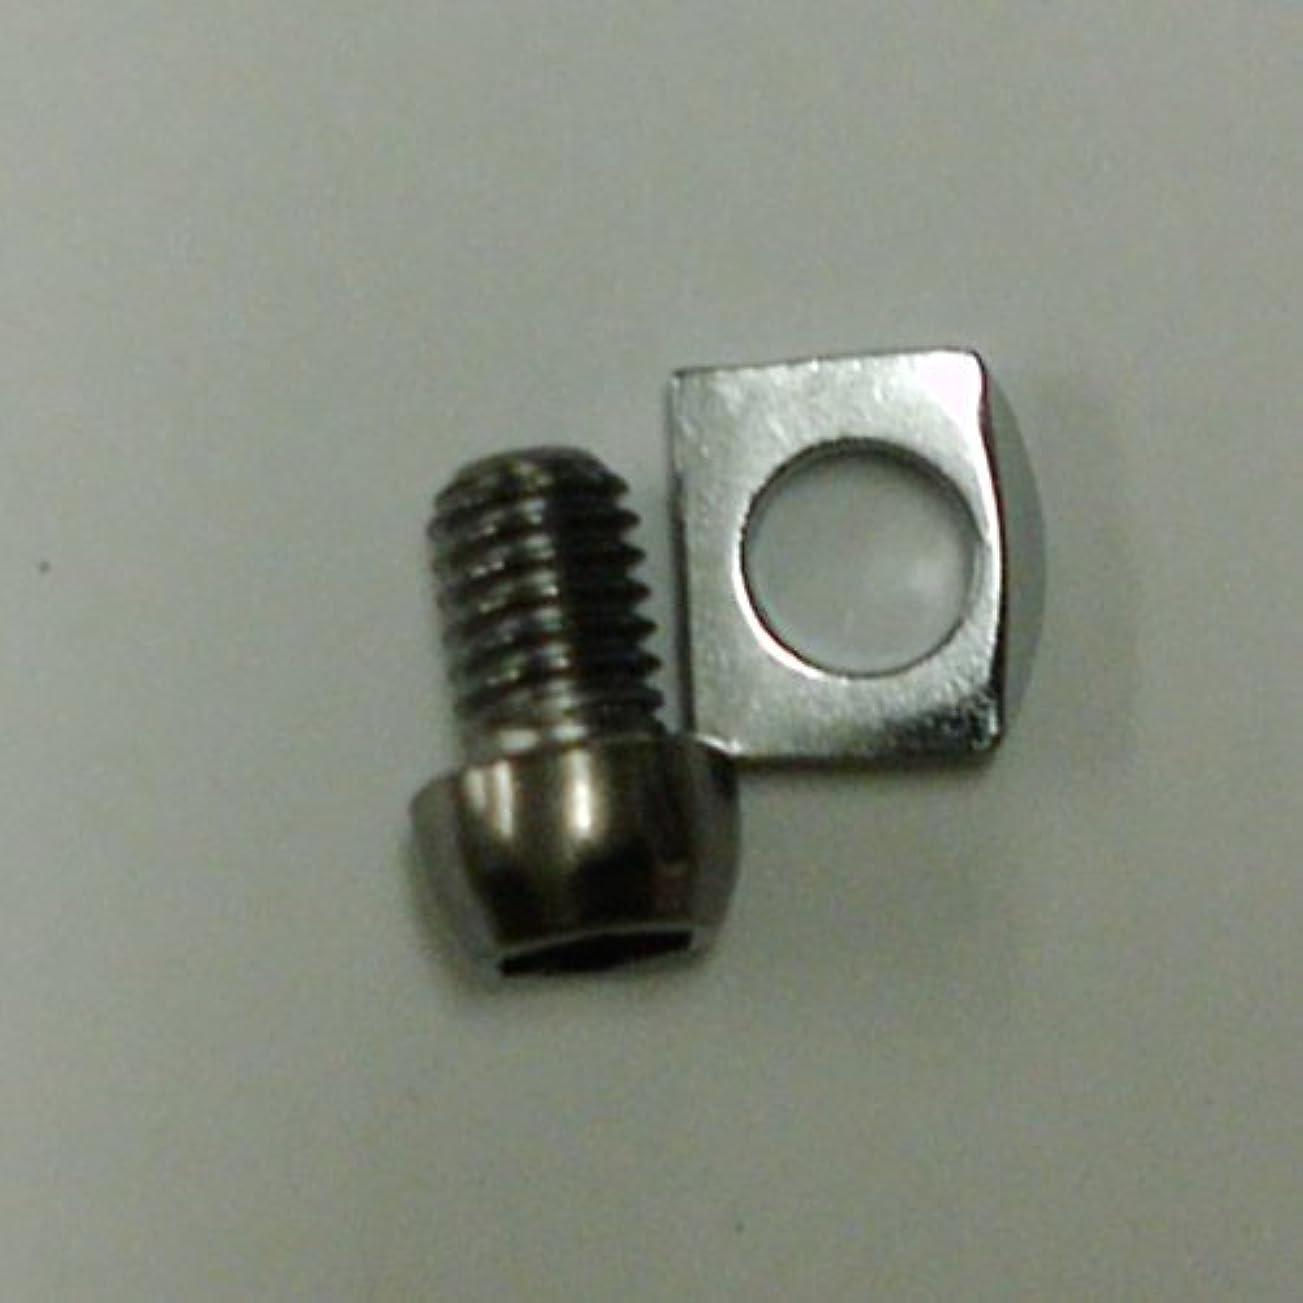 神社バイアスドックShimano 105 BR5700 Cable Fixing Bolt & Plate by Shimano